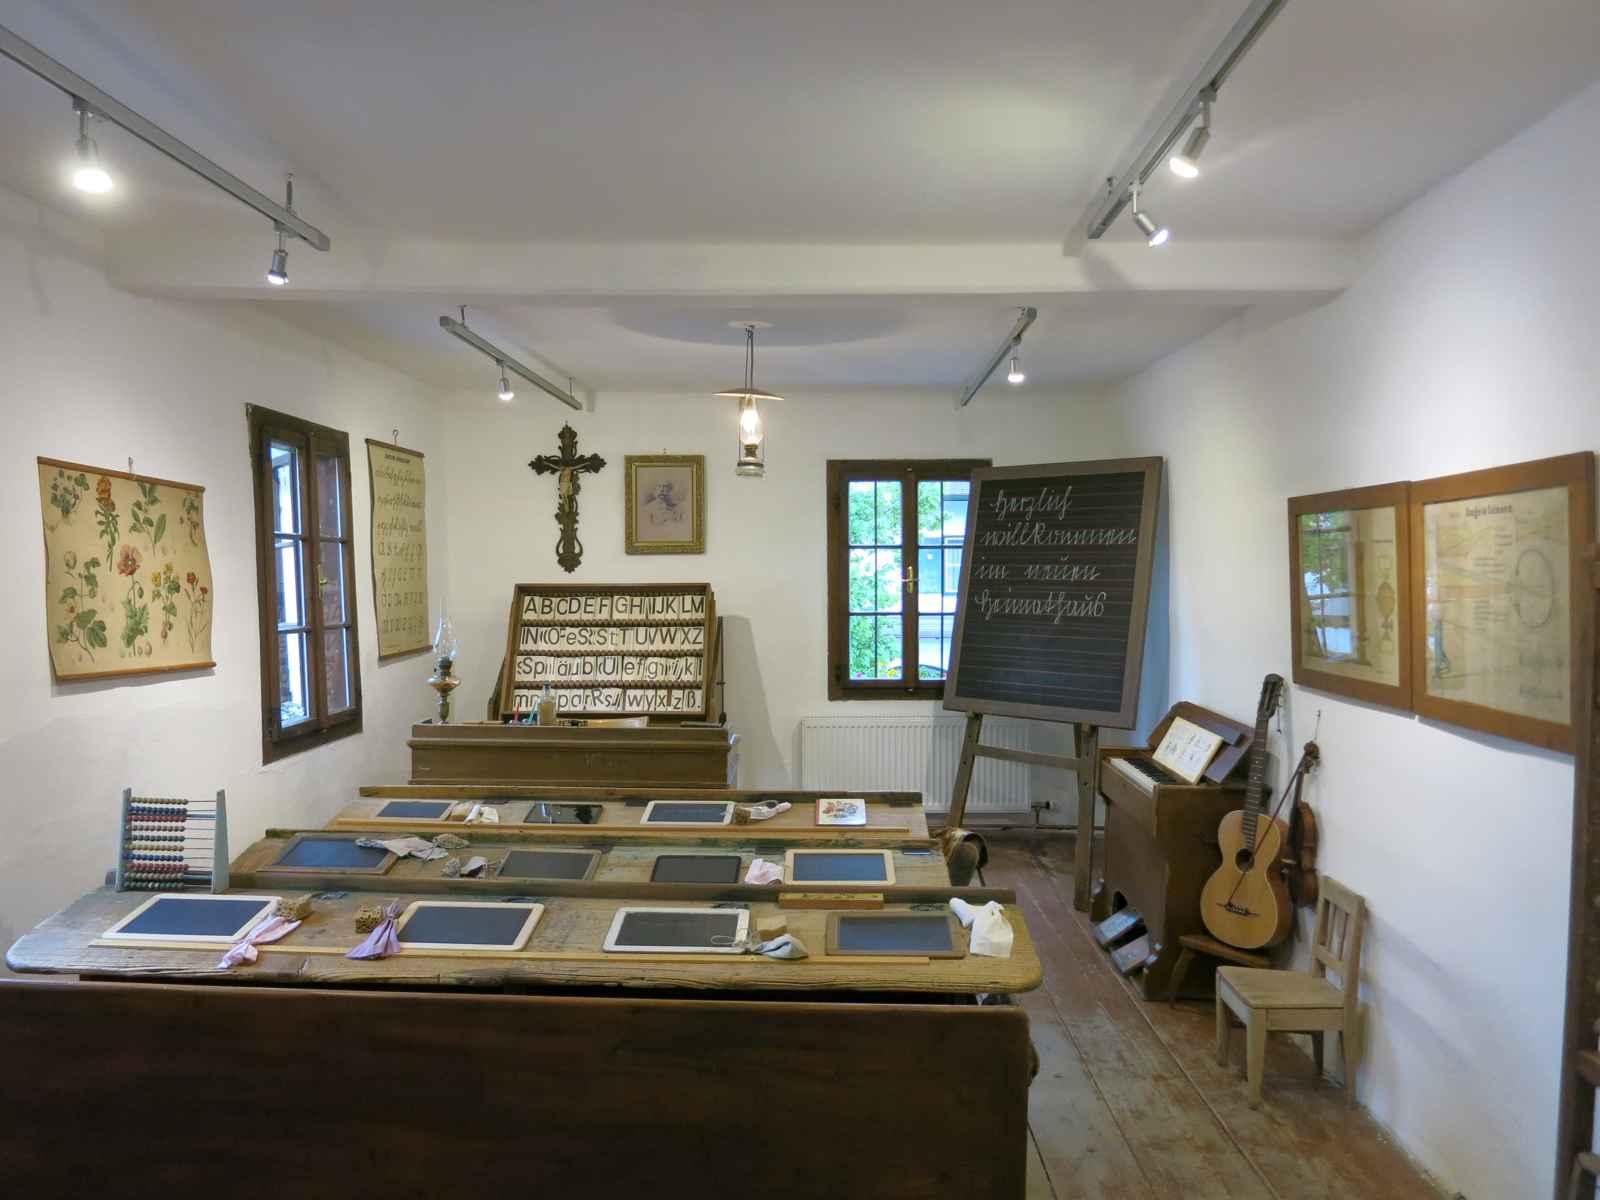 Klassenraum um 1900